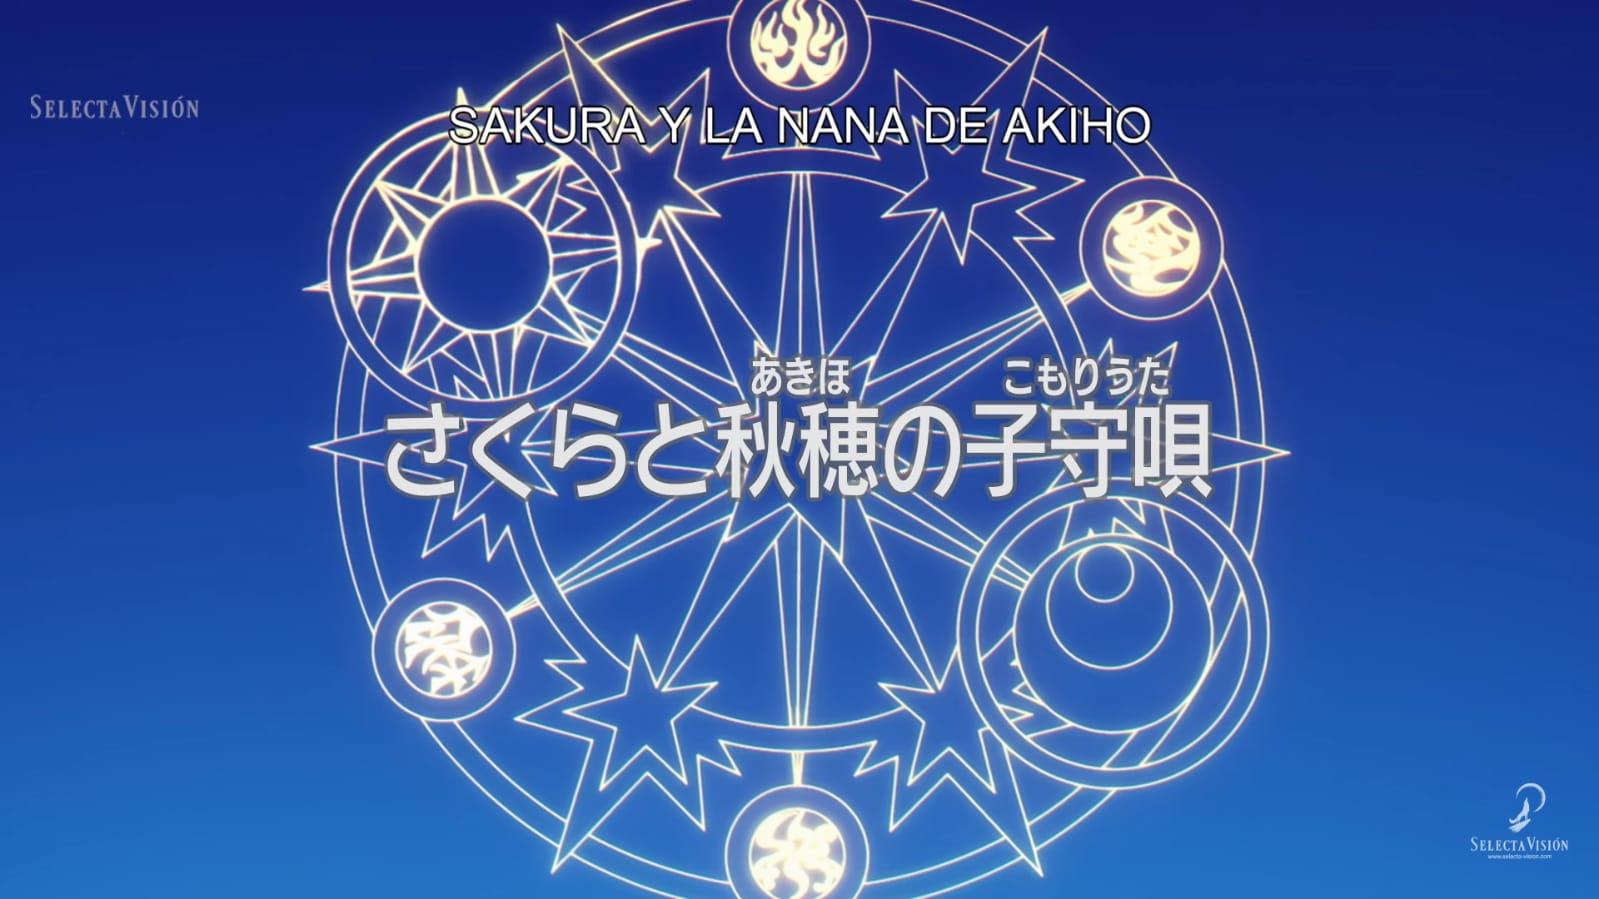 Cardcaptor Sakura Clear Card análisis episodio 19 Título